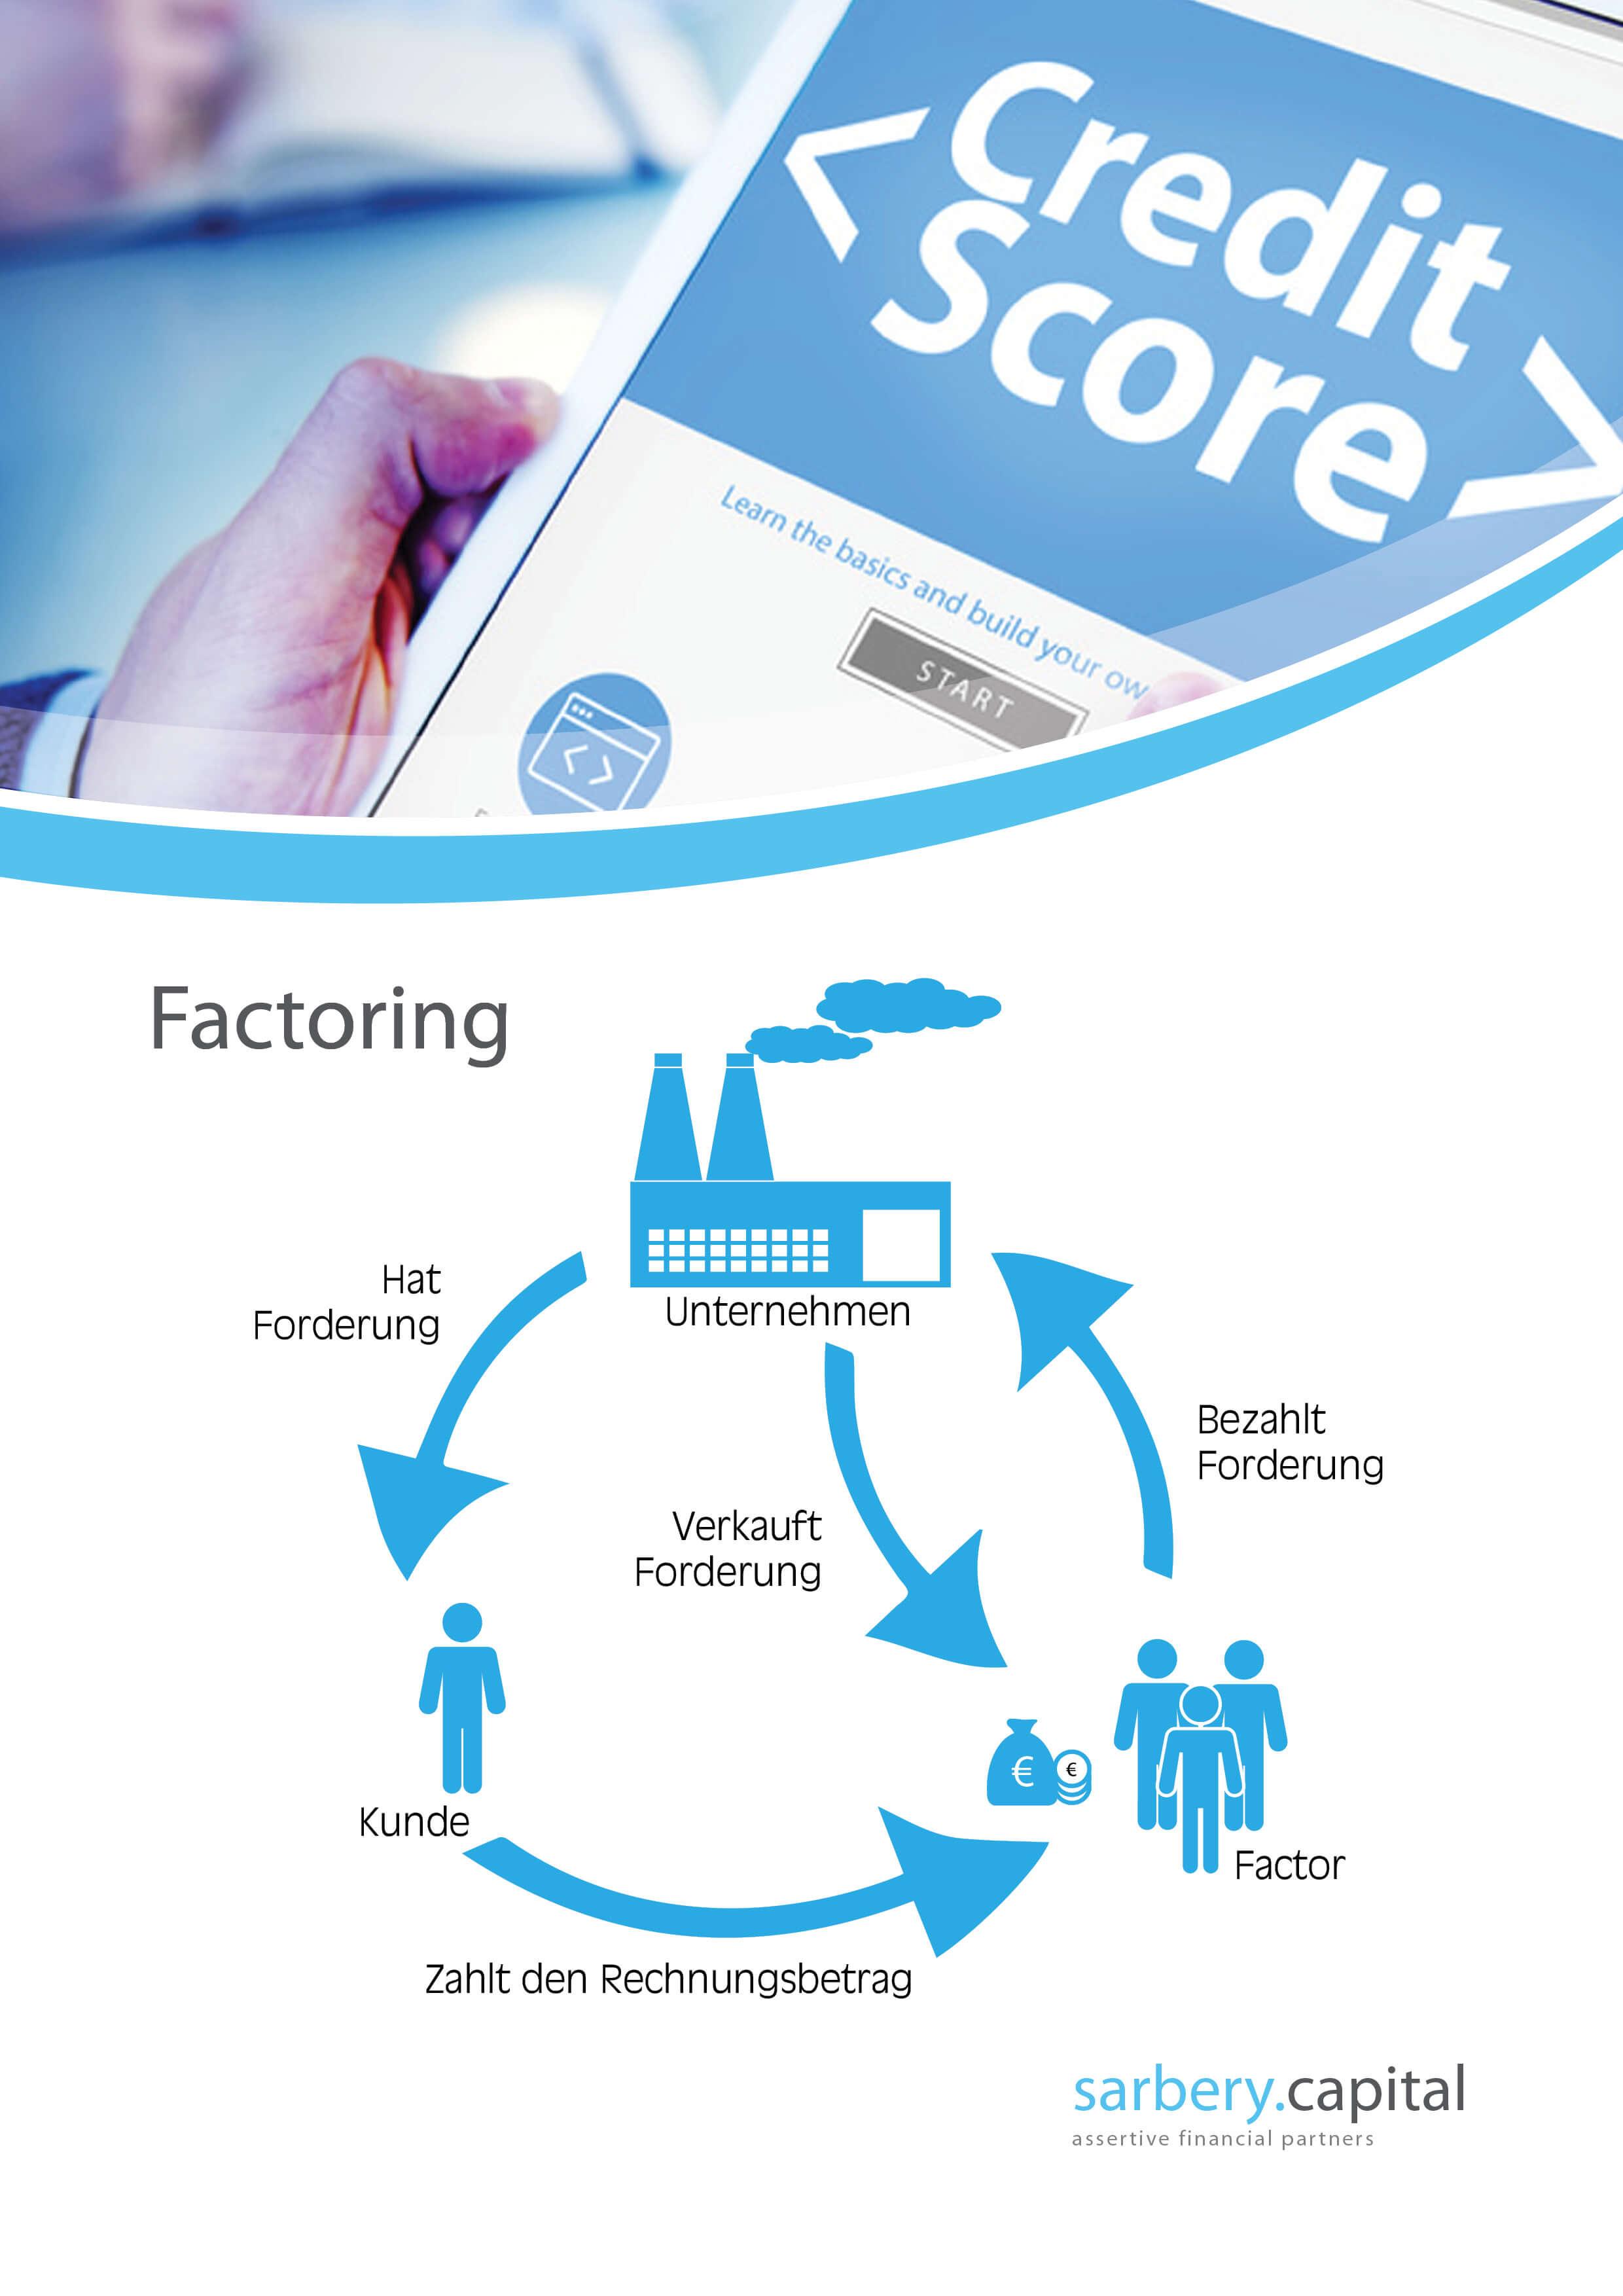 Darstellung von Factoring im Unternehmen